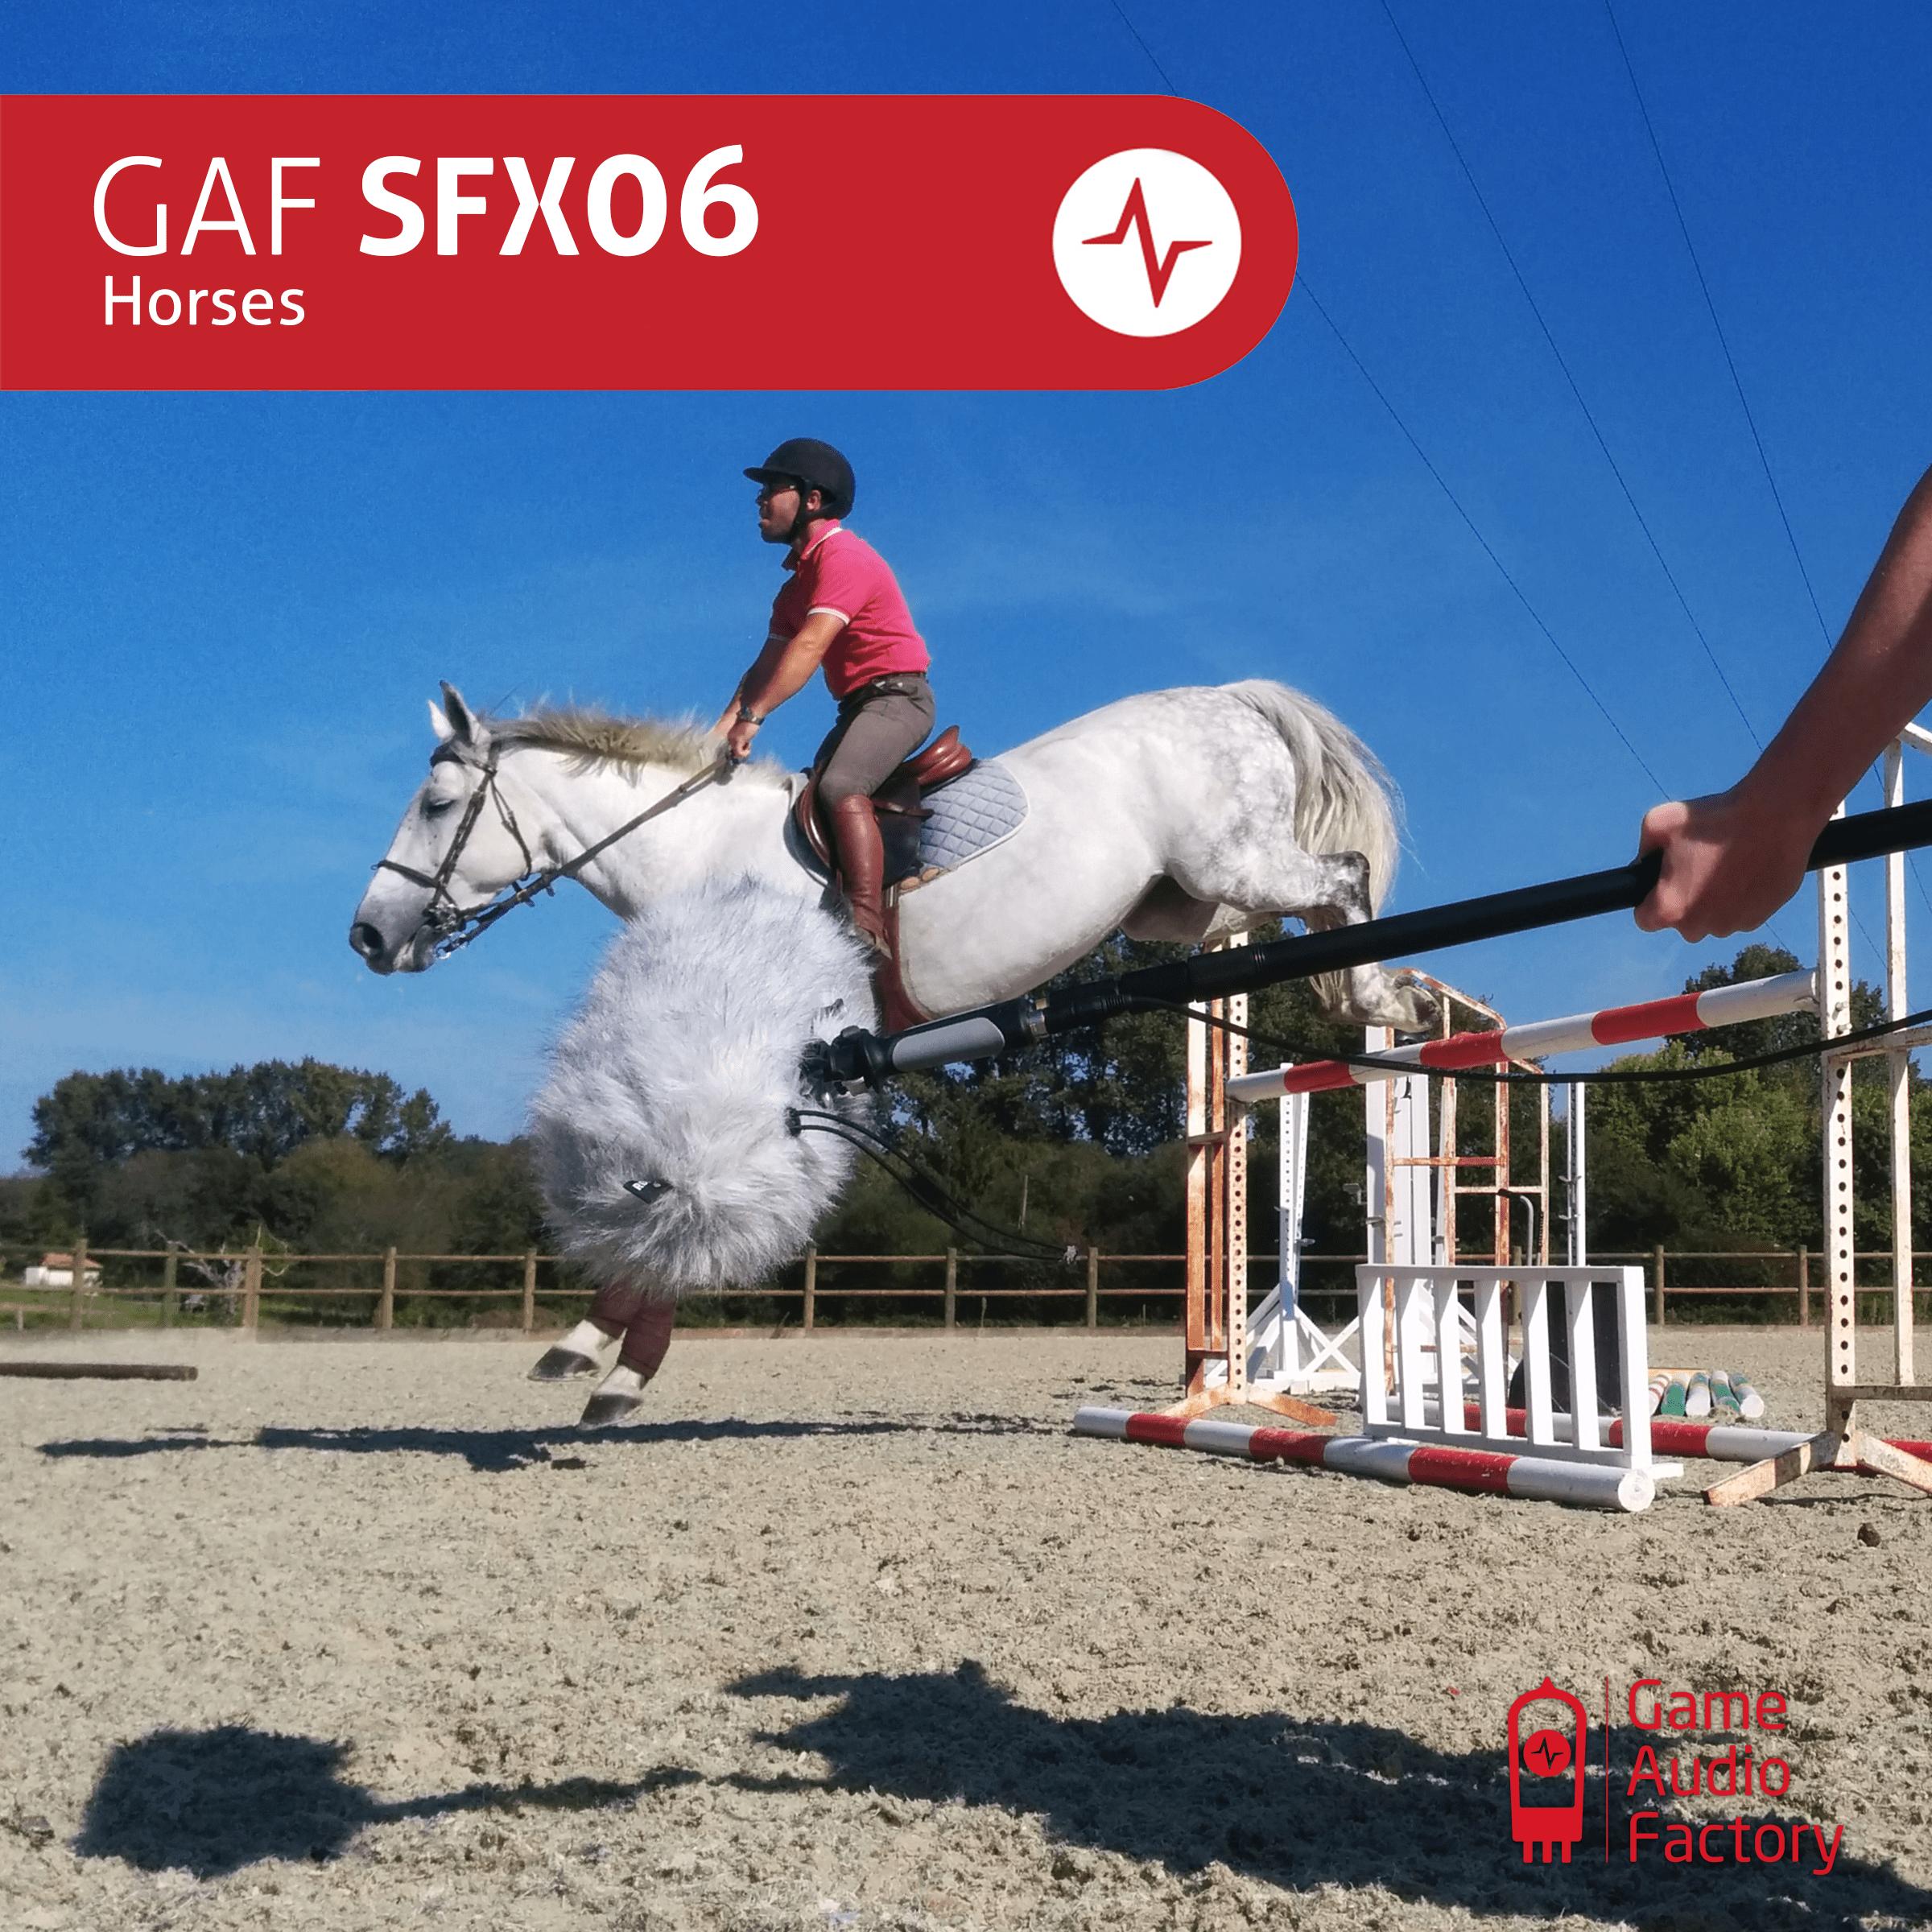 GAF SFX06 - Horses